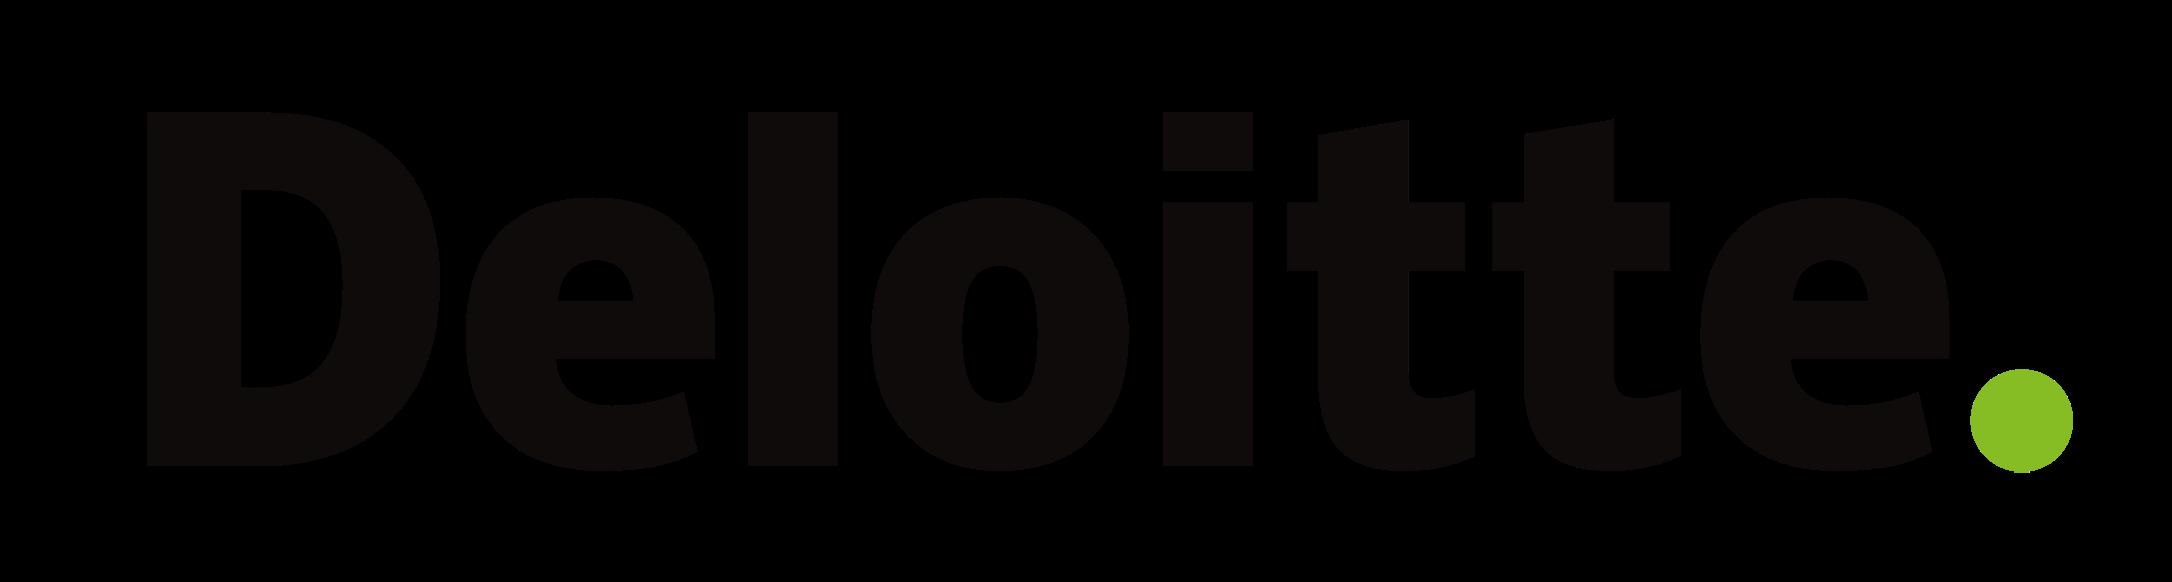 Deloitte - The Wealth Mosaic